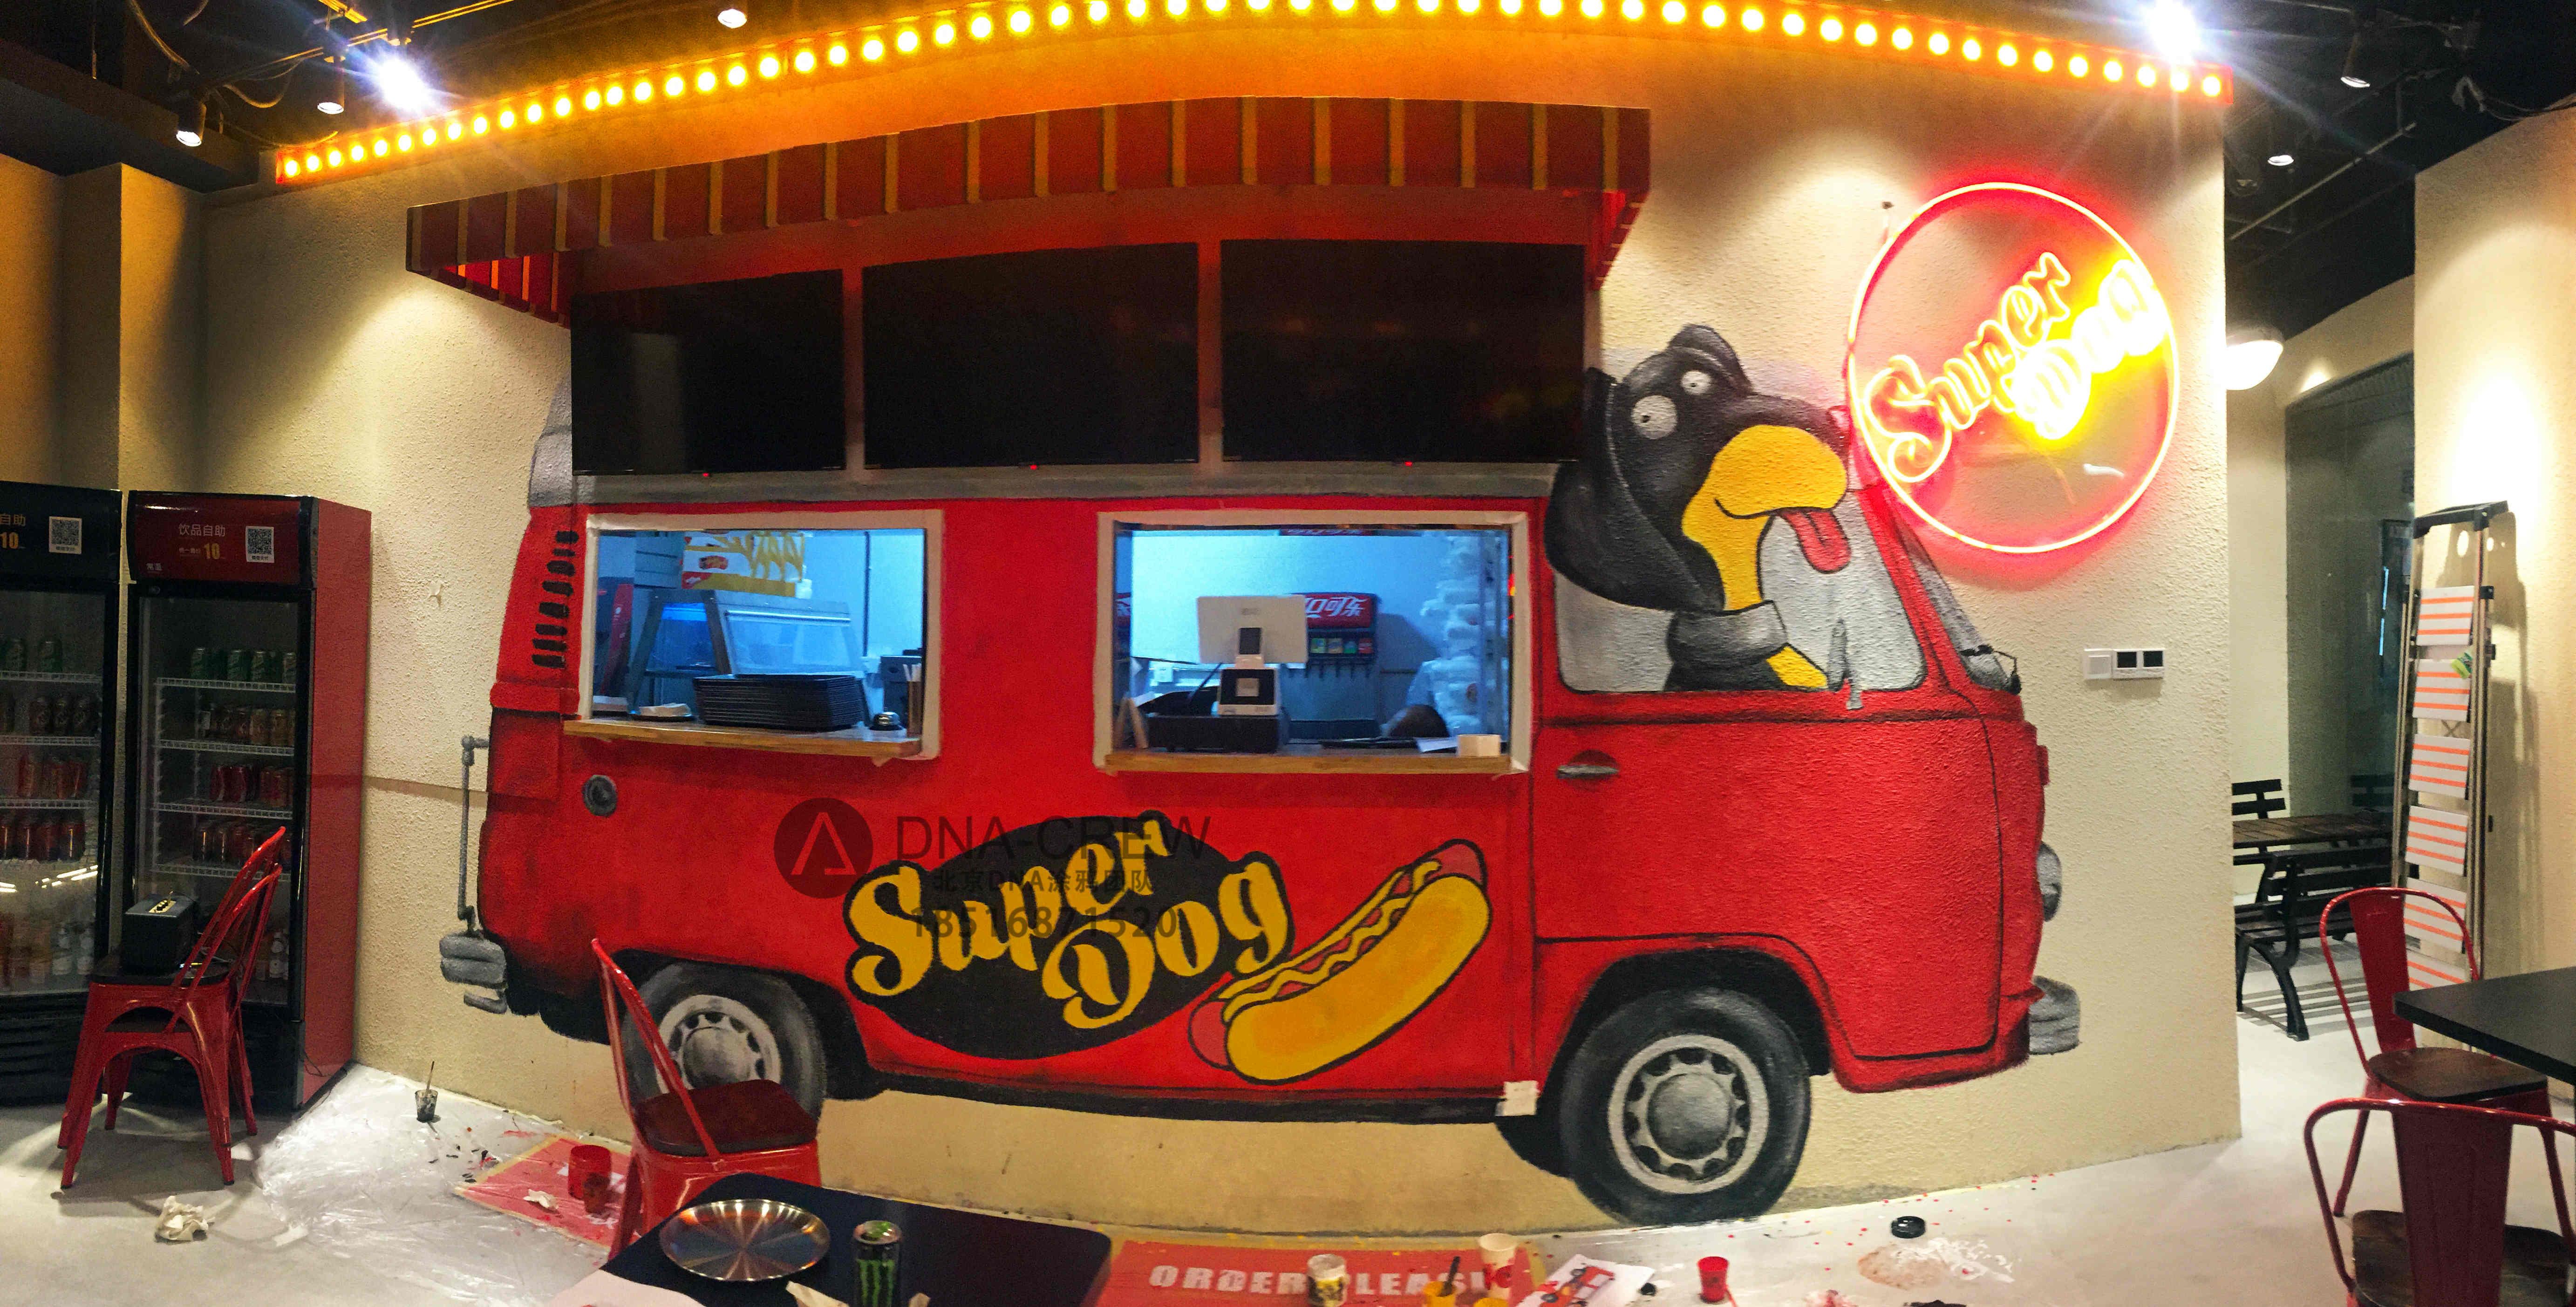 北京dna涂鸦团队_网红超级热狗SUPER DOG三里屯店手绘大众复古热狗车_墙绘全教程